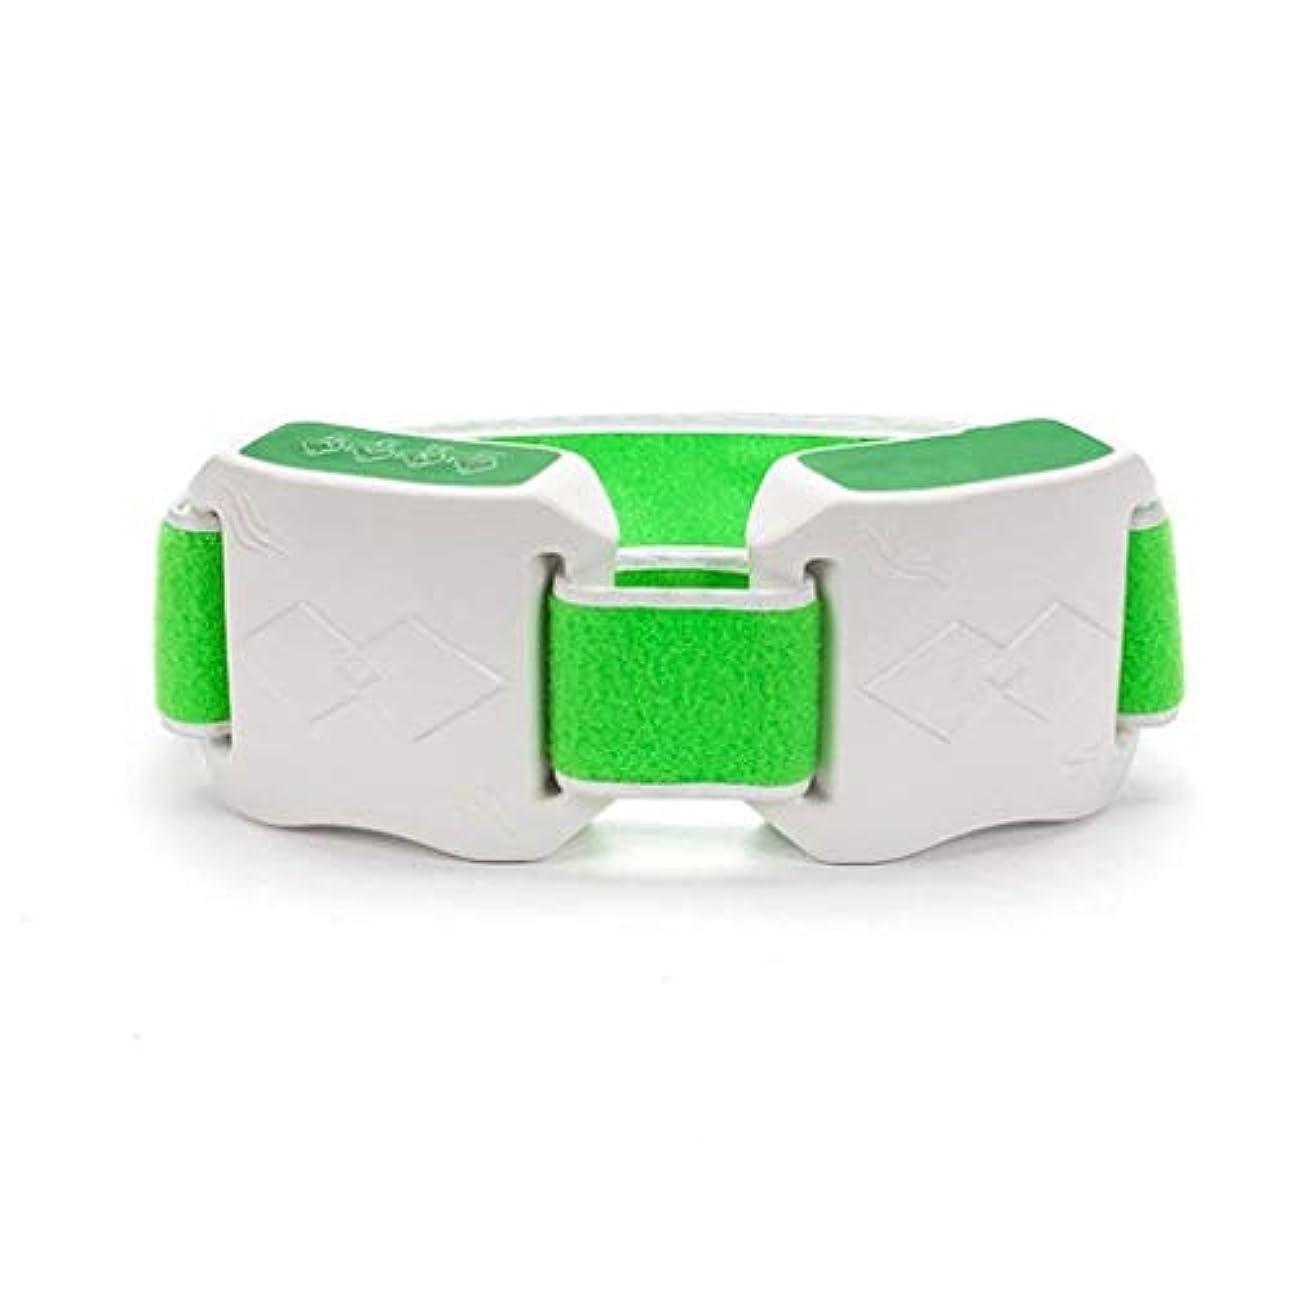 減量ベルト、Slim身マシン、女性Slim身ベルト、加熱/振動燃焼脂肪ベルト、腹部減量マッサージ機 (Color : 緑)